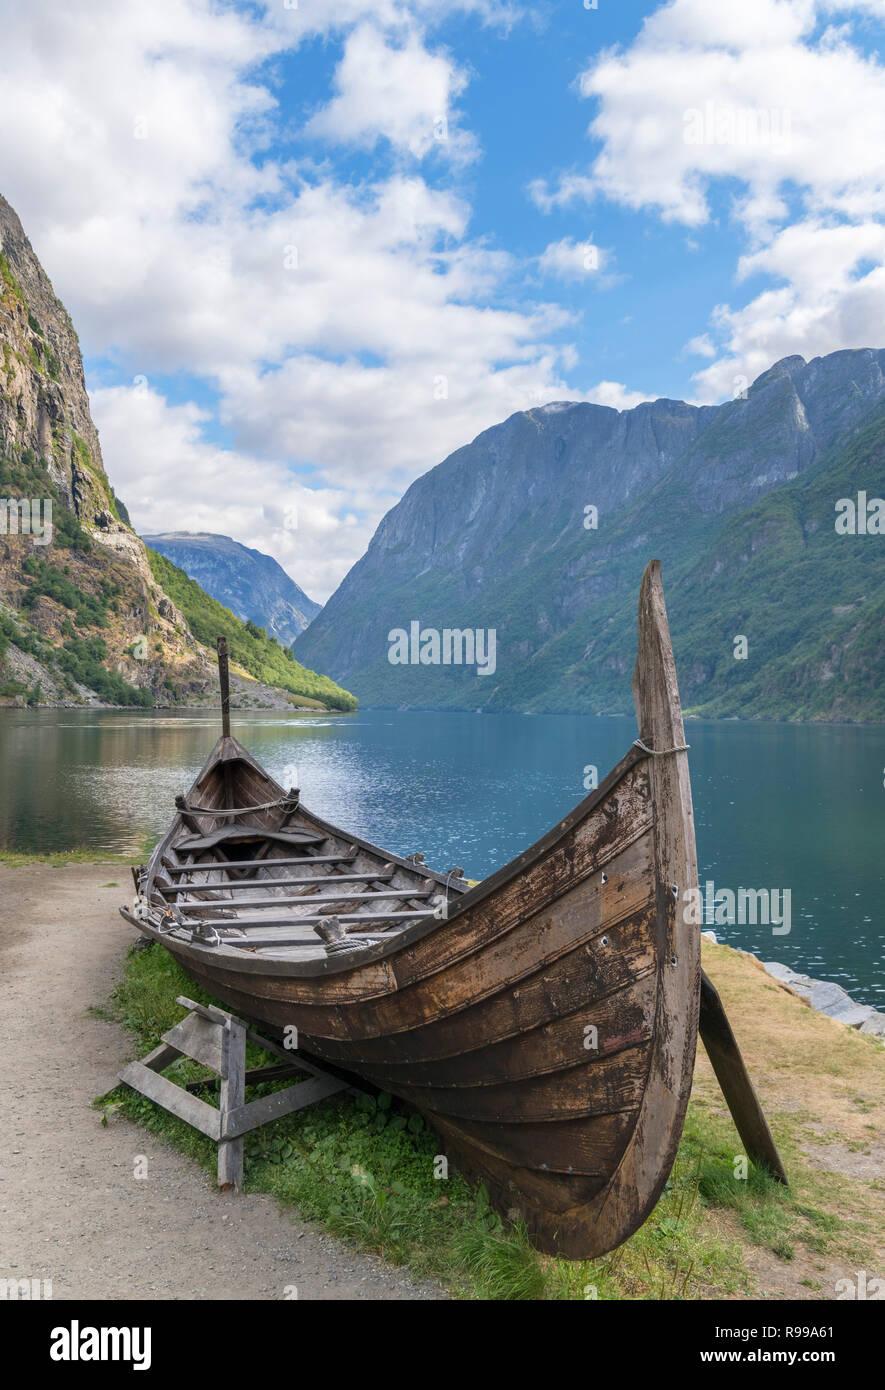 Replica viking boat in Gudvangen, Nærøyfjord, Sognefjord, Sogn og Fjordane, Norway - Stock Image